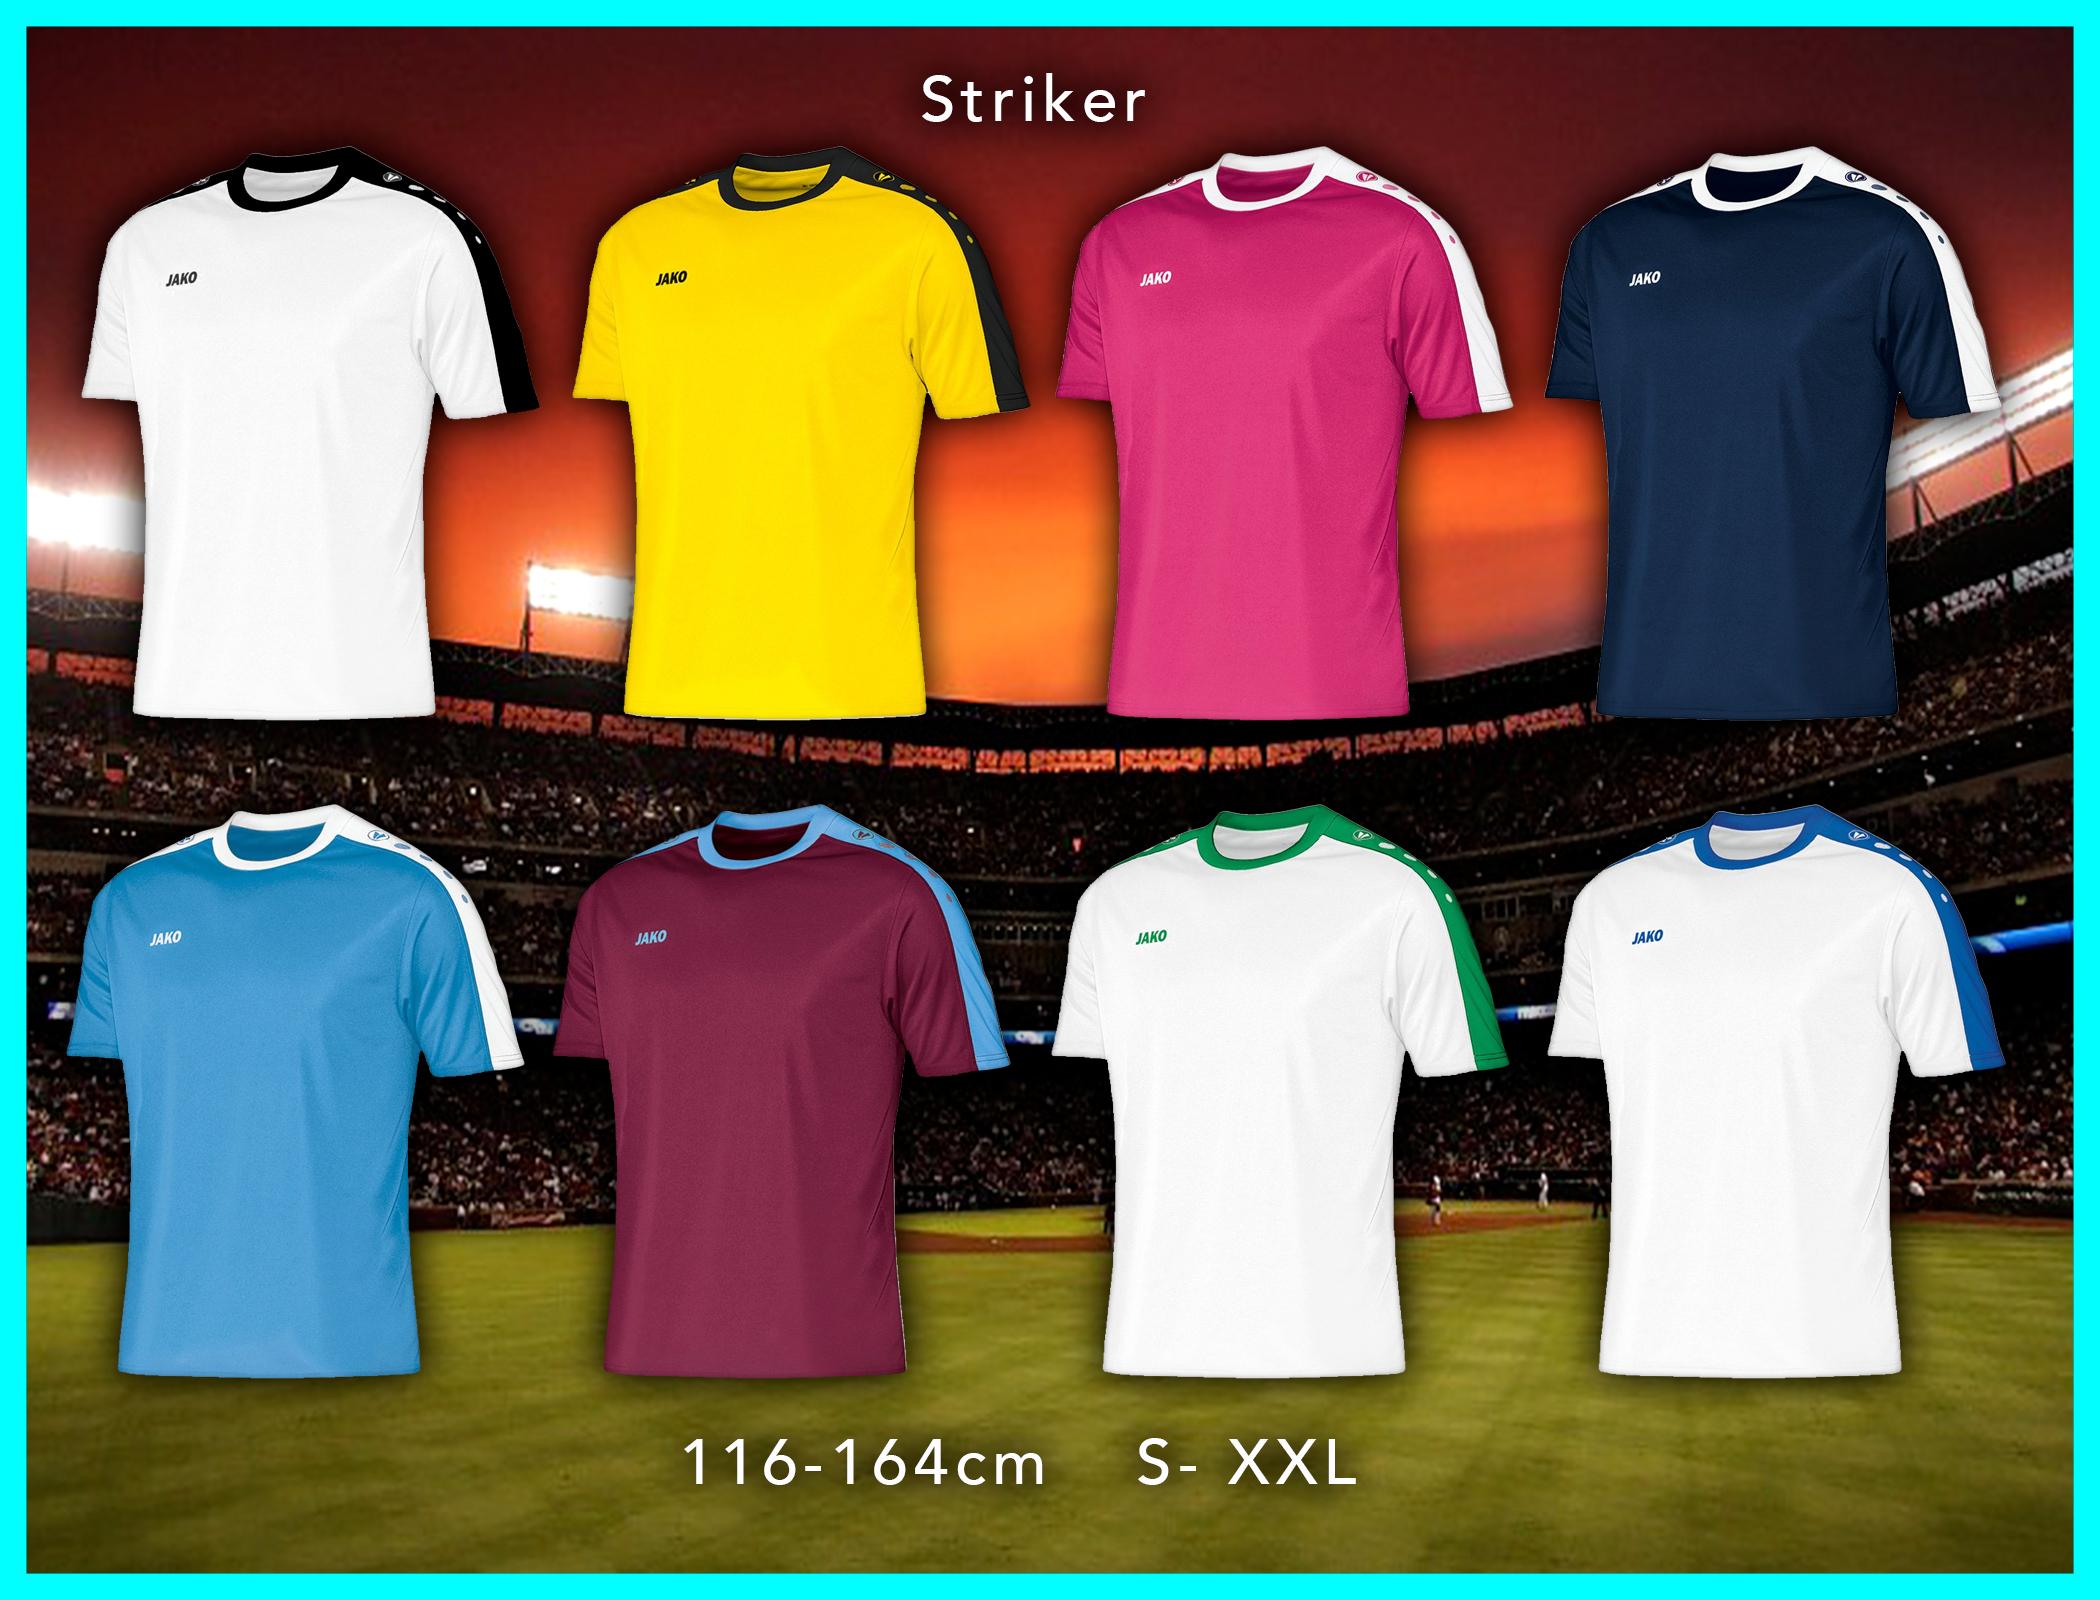 jalkapallopaita striker 2